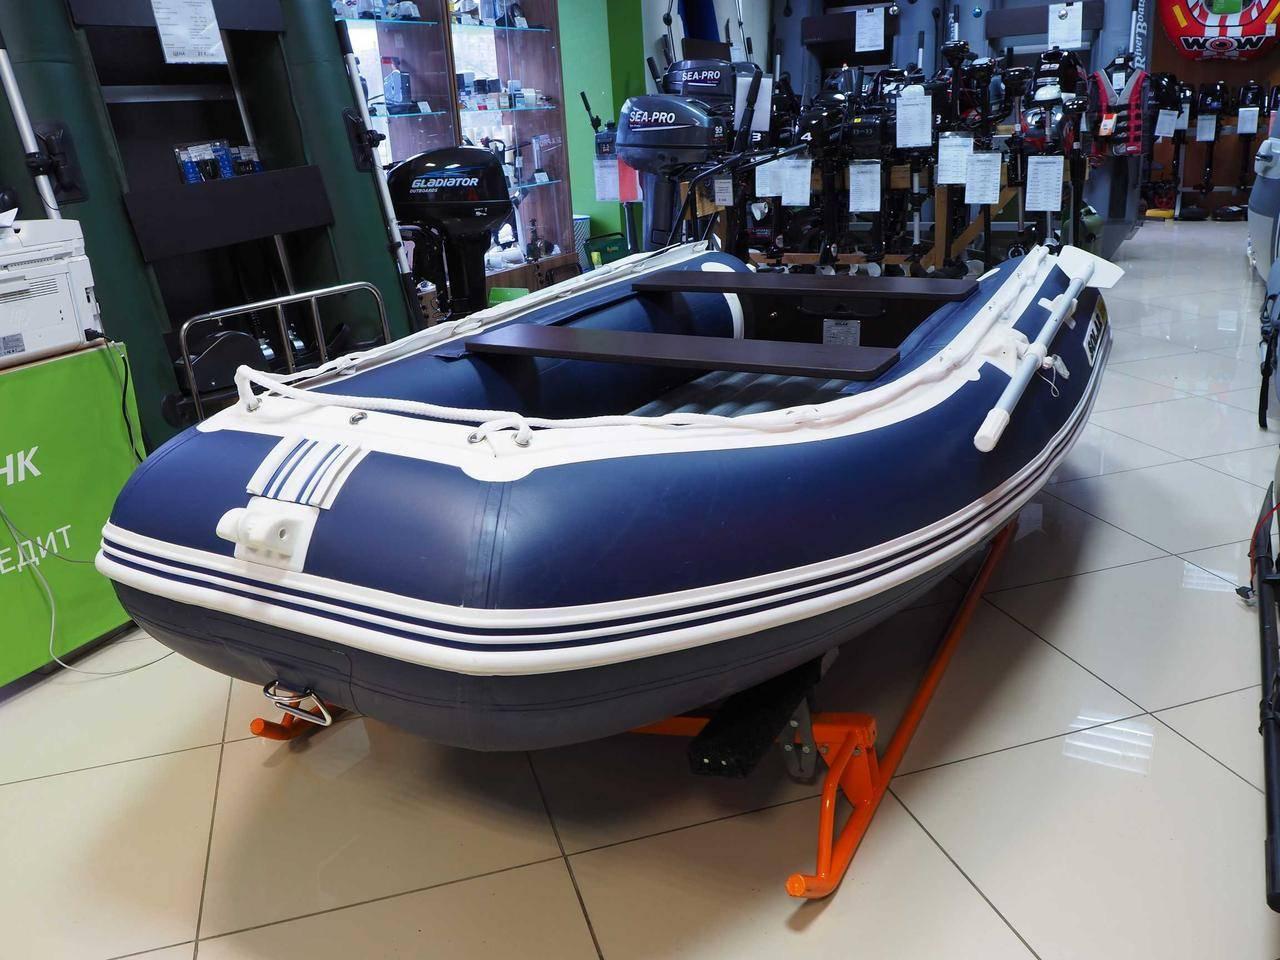 Пластиковые лодки для рыбалки - цена, лучшие модели (рейтинг топ-6)